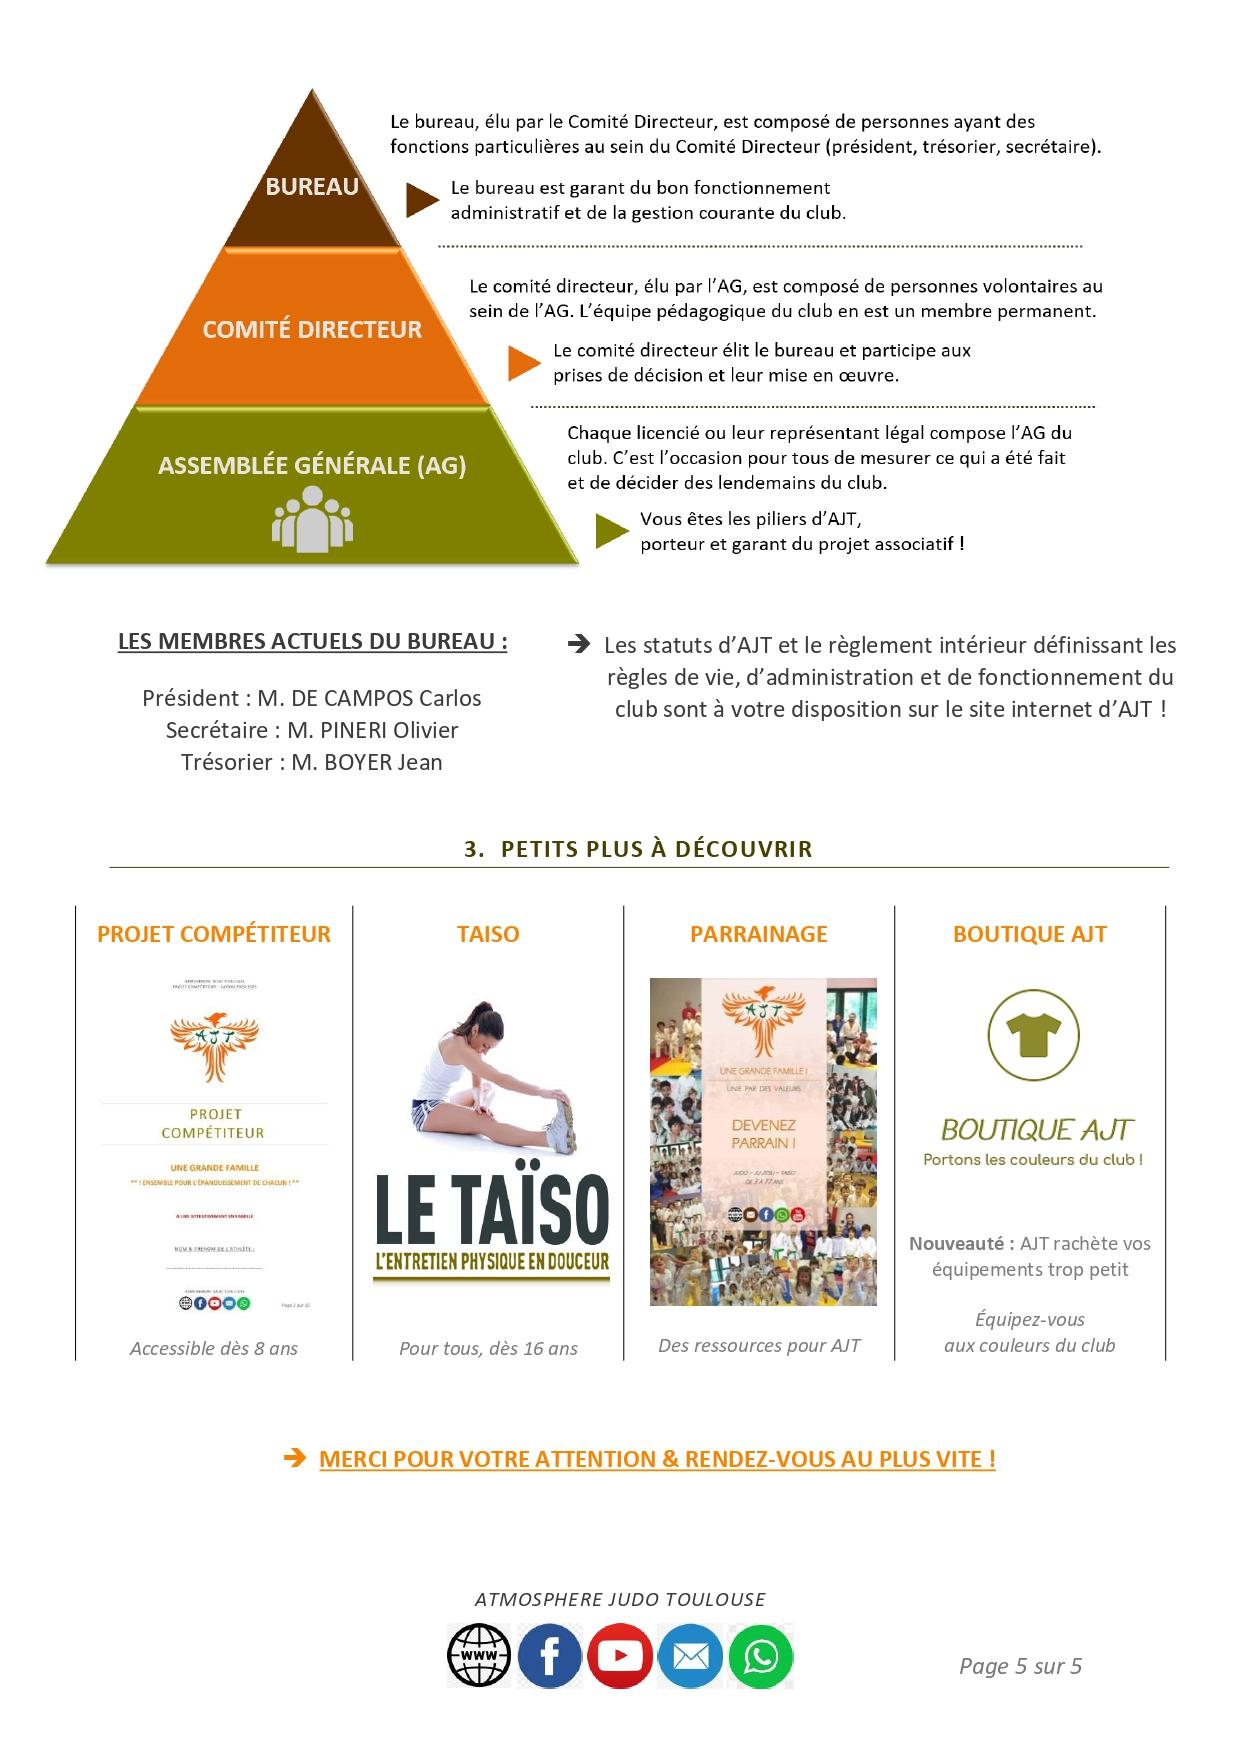 Atmosphère Judo Toulouse - AJT_page-0005